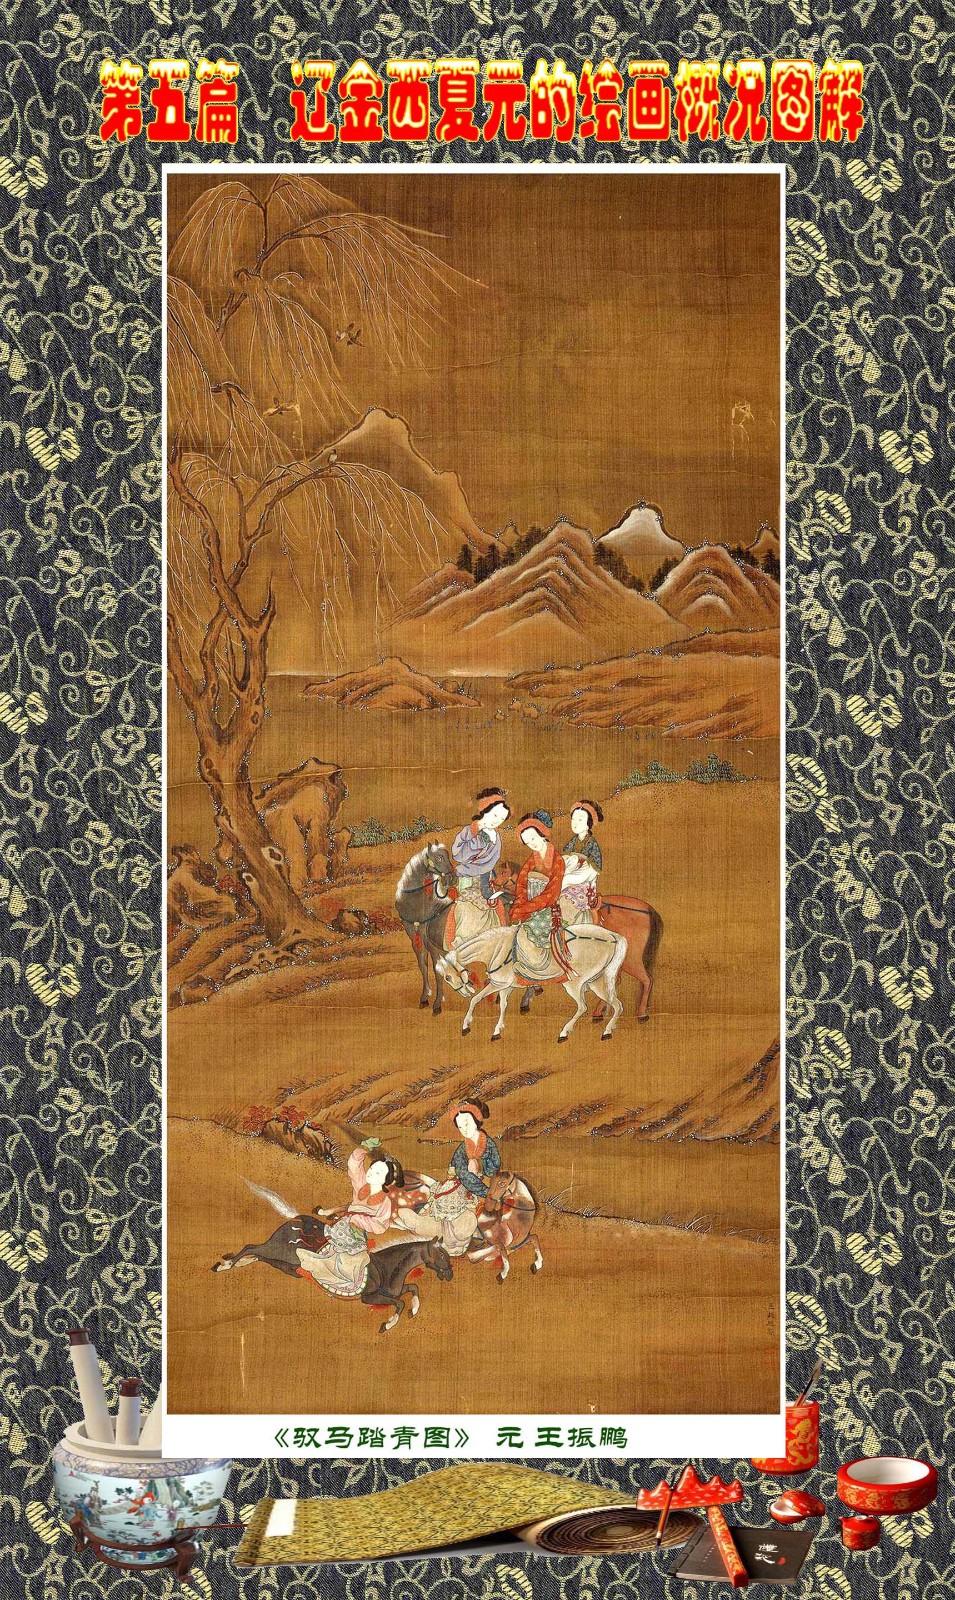 顾绍骅编辑 中国画知识普及版 第五篇 辽金西夏元的绘画概况 下 ... ..._图1-50